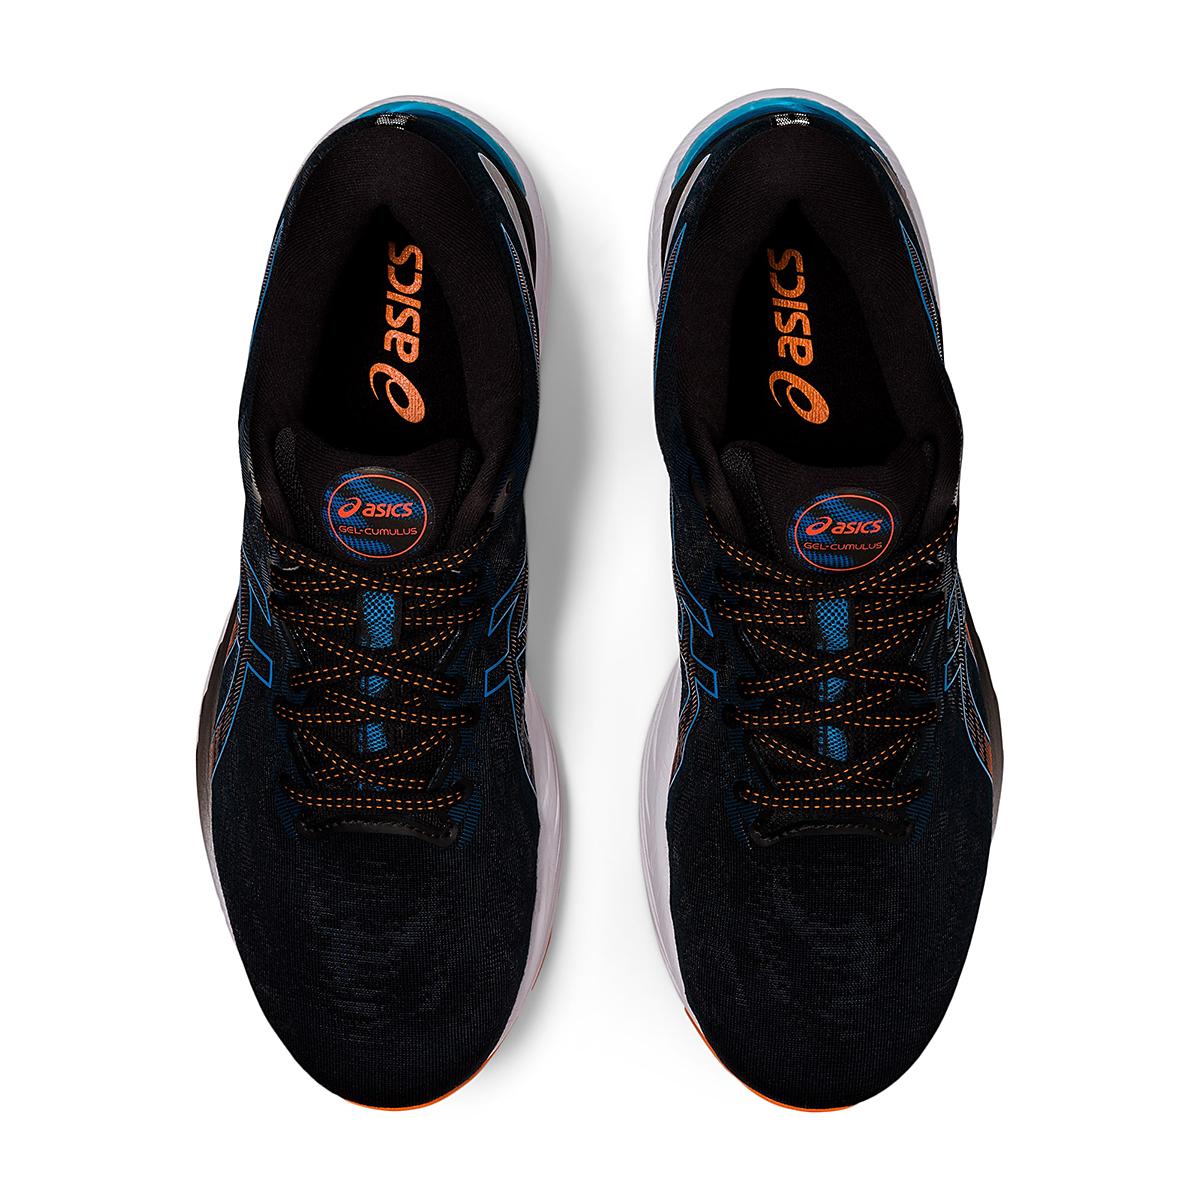 Men's Asics Gel-Cumulus 23 Running Shoe - Color: Black/Reborn Blue - Size: 6.5 - Width: Regular, Black/Reborn Blue, large, image 3